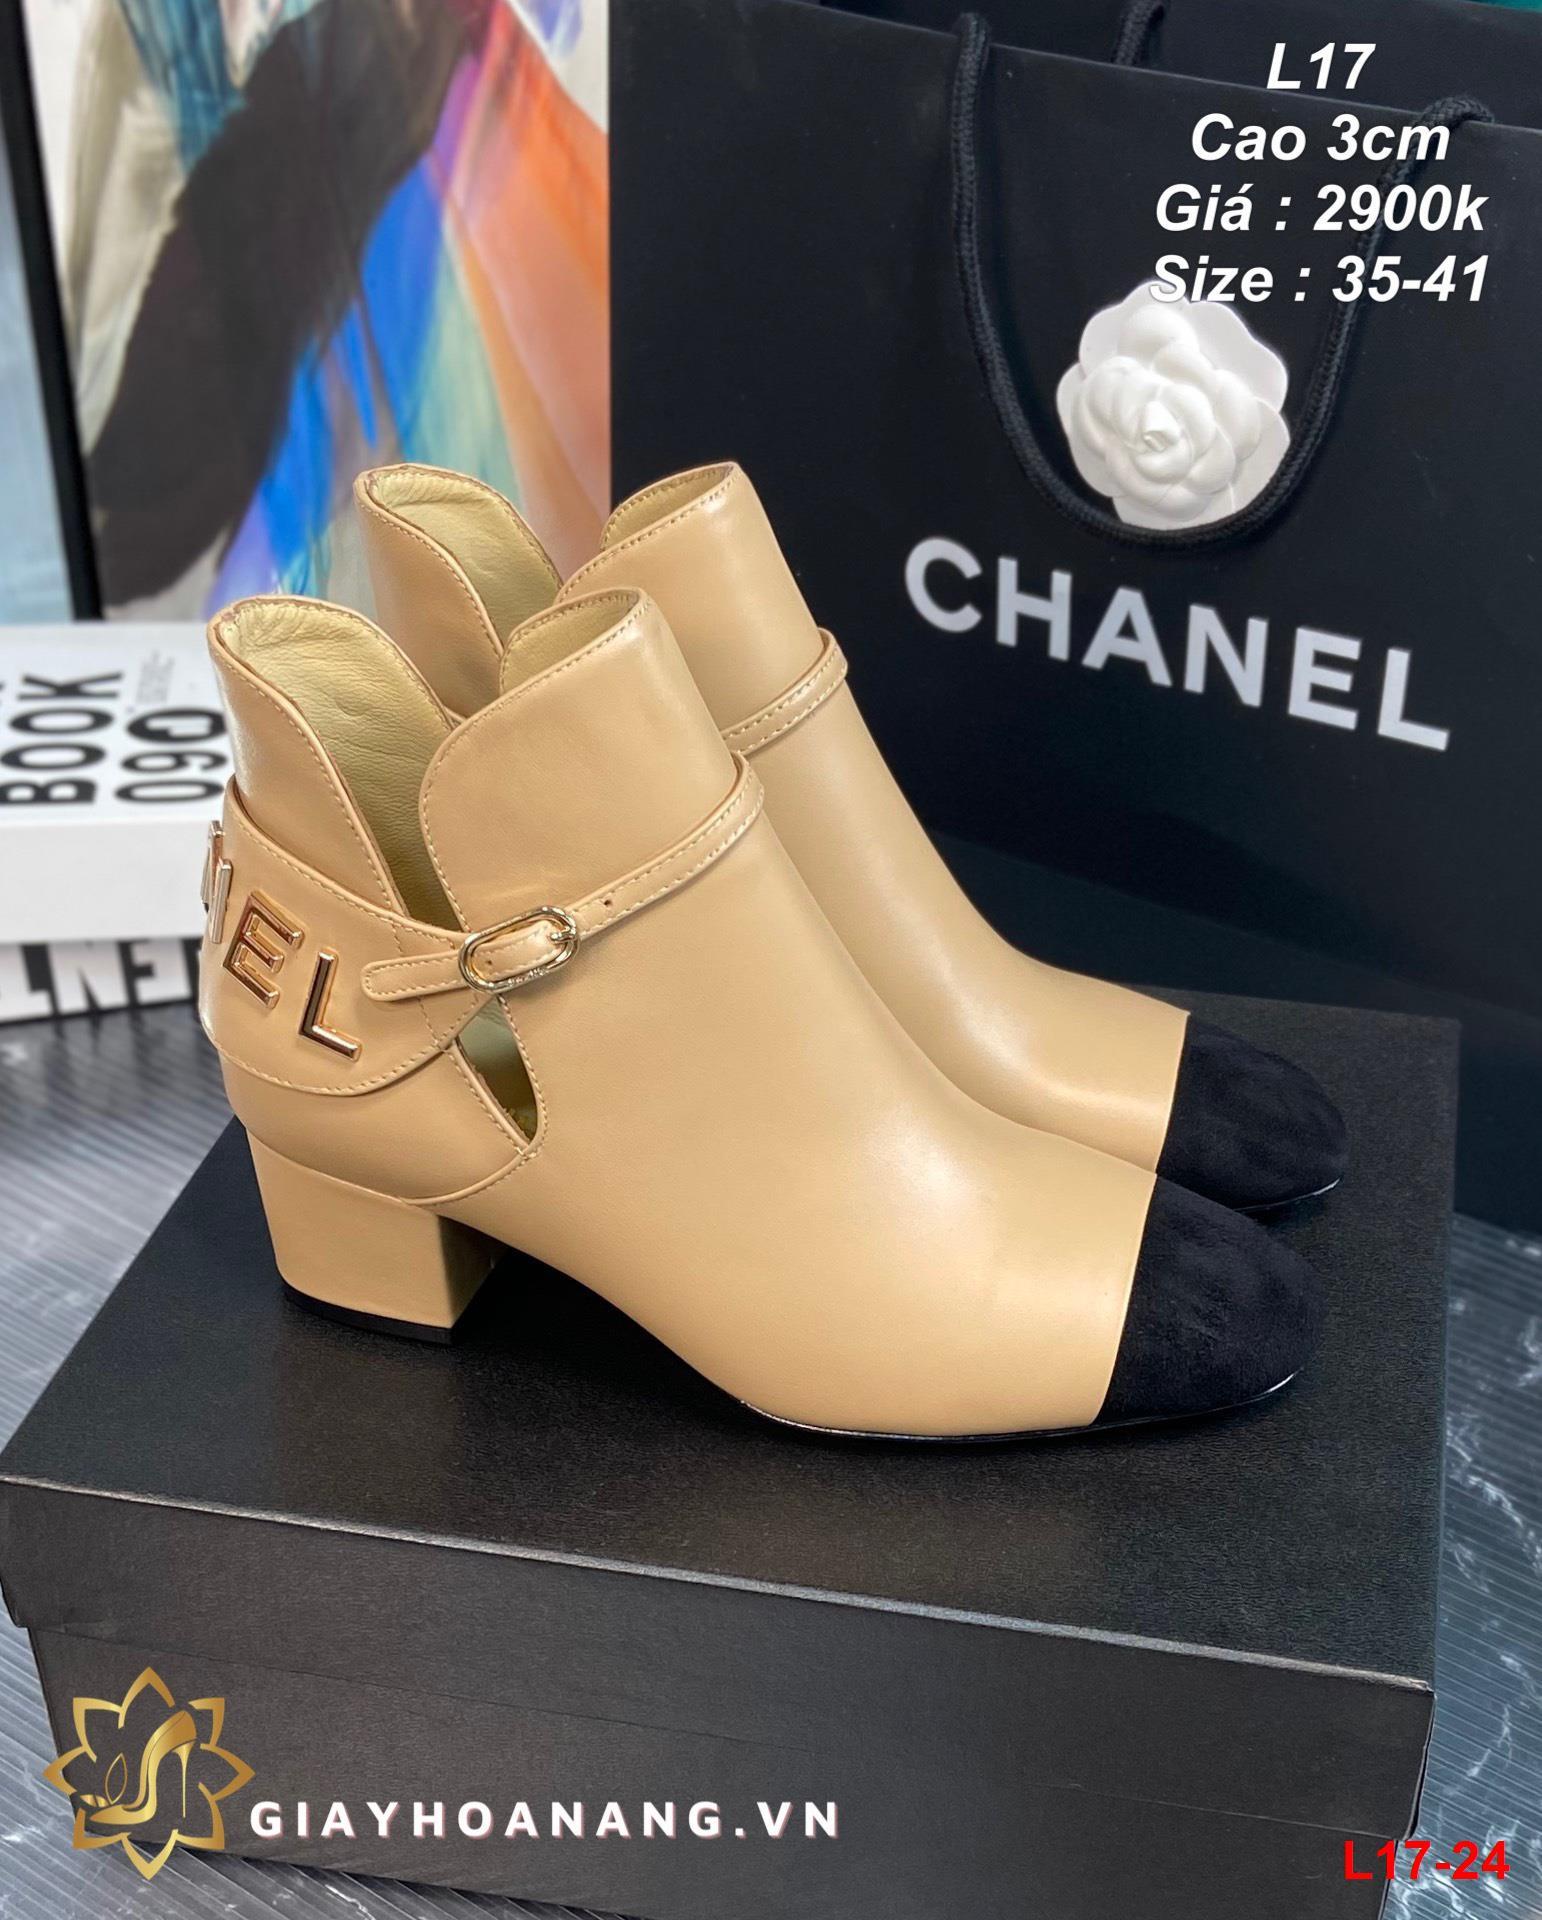 L17-24 Chanel bốt cao 3cm siêu cấp